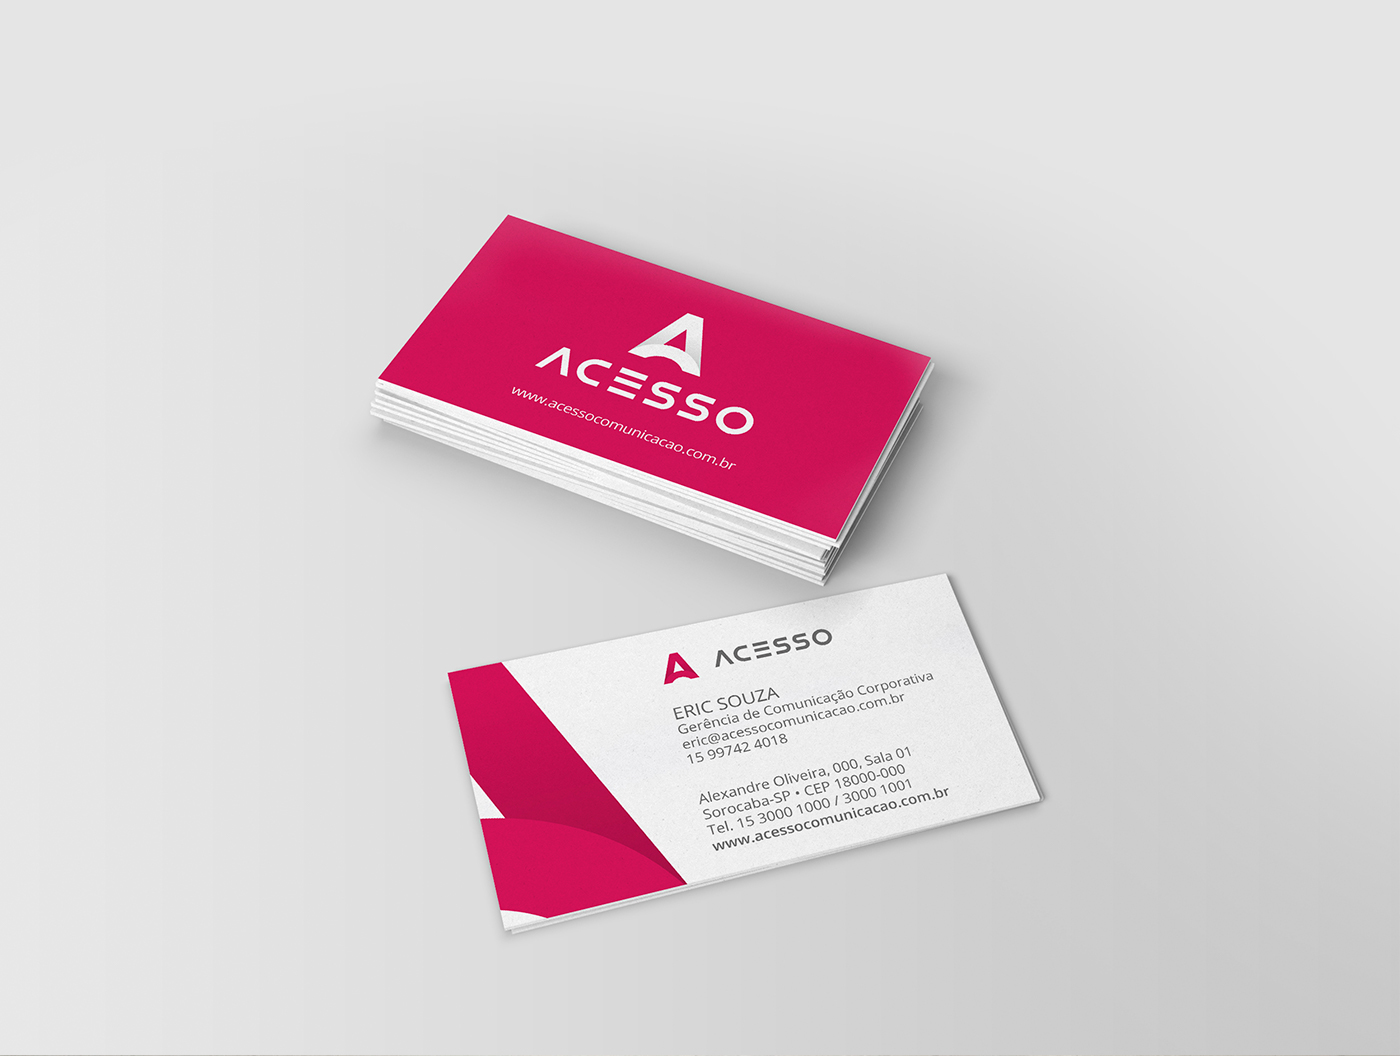 Acesso Comunicação Tiago Rosa Sorocaba redesign rebranding identidade visual identidade corporativa comunicação Comunicação Interna rosa Acesso logo